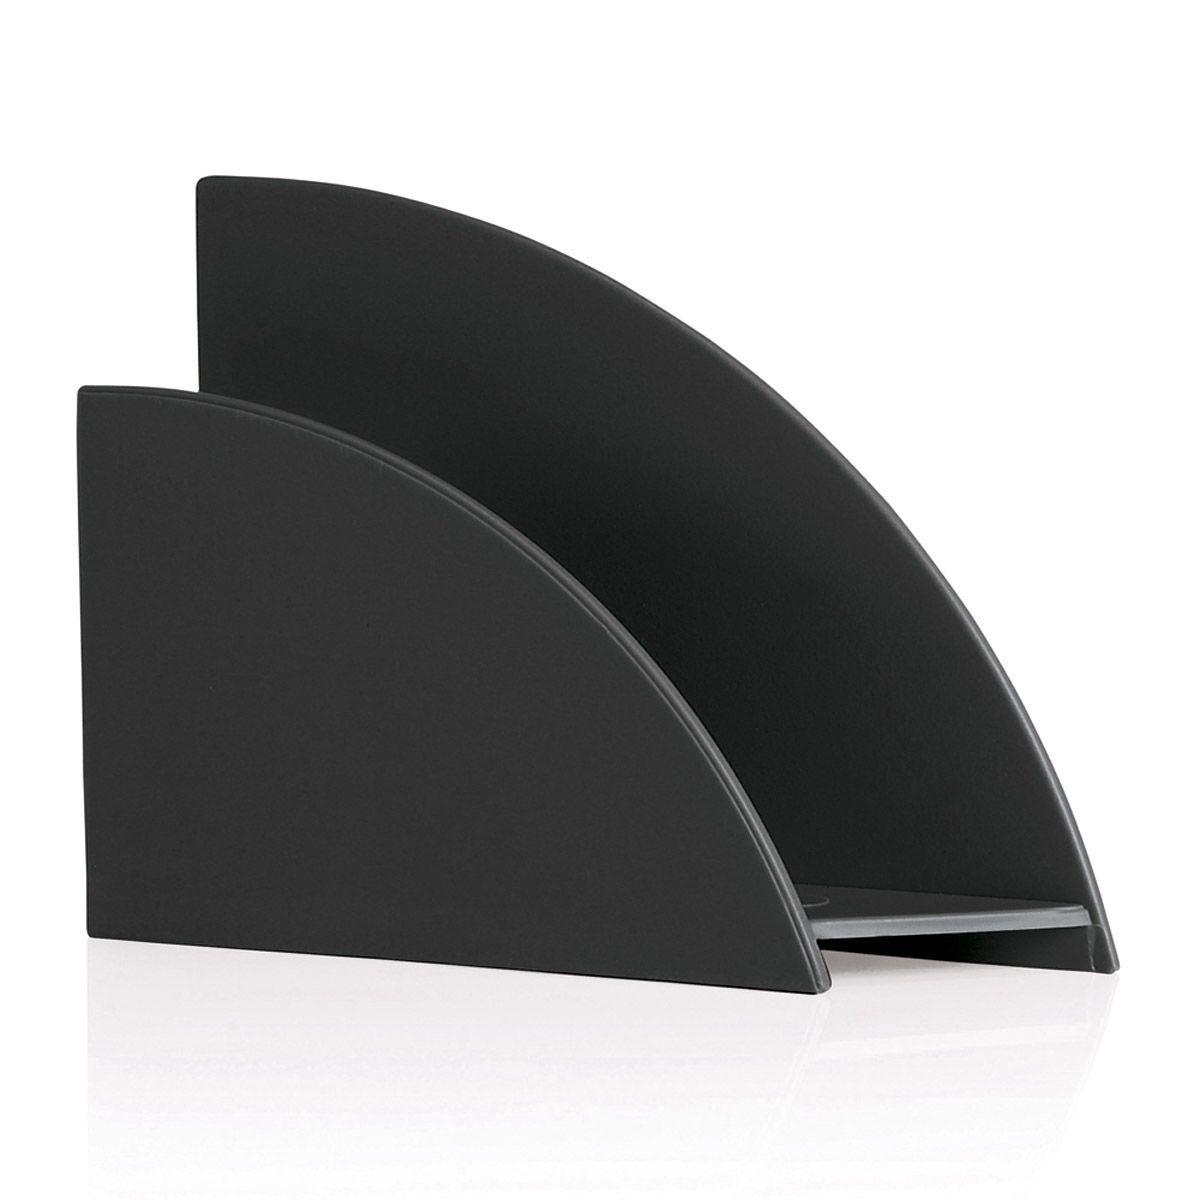 Porta Guardanapos Plástico Preto - Ou